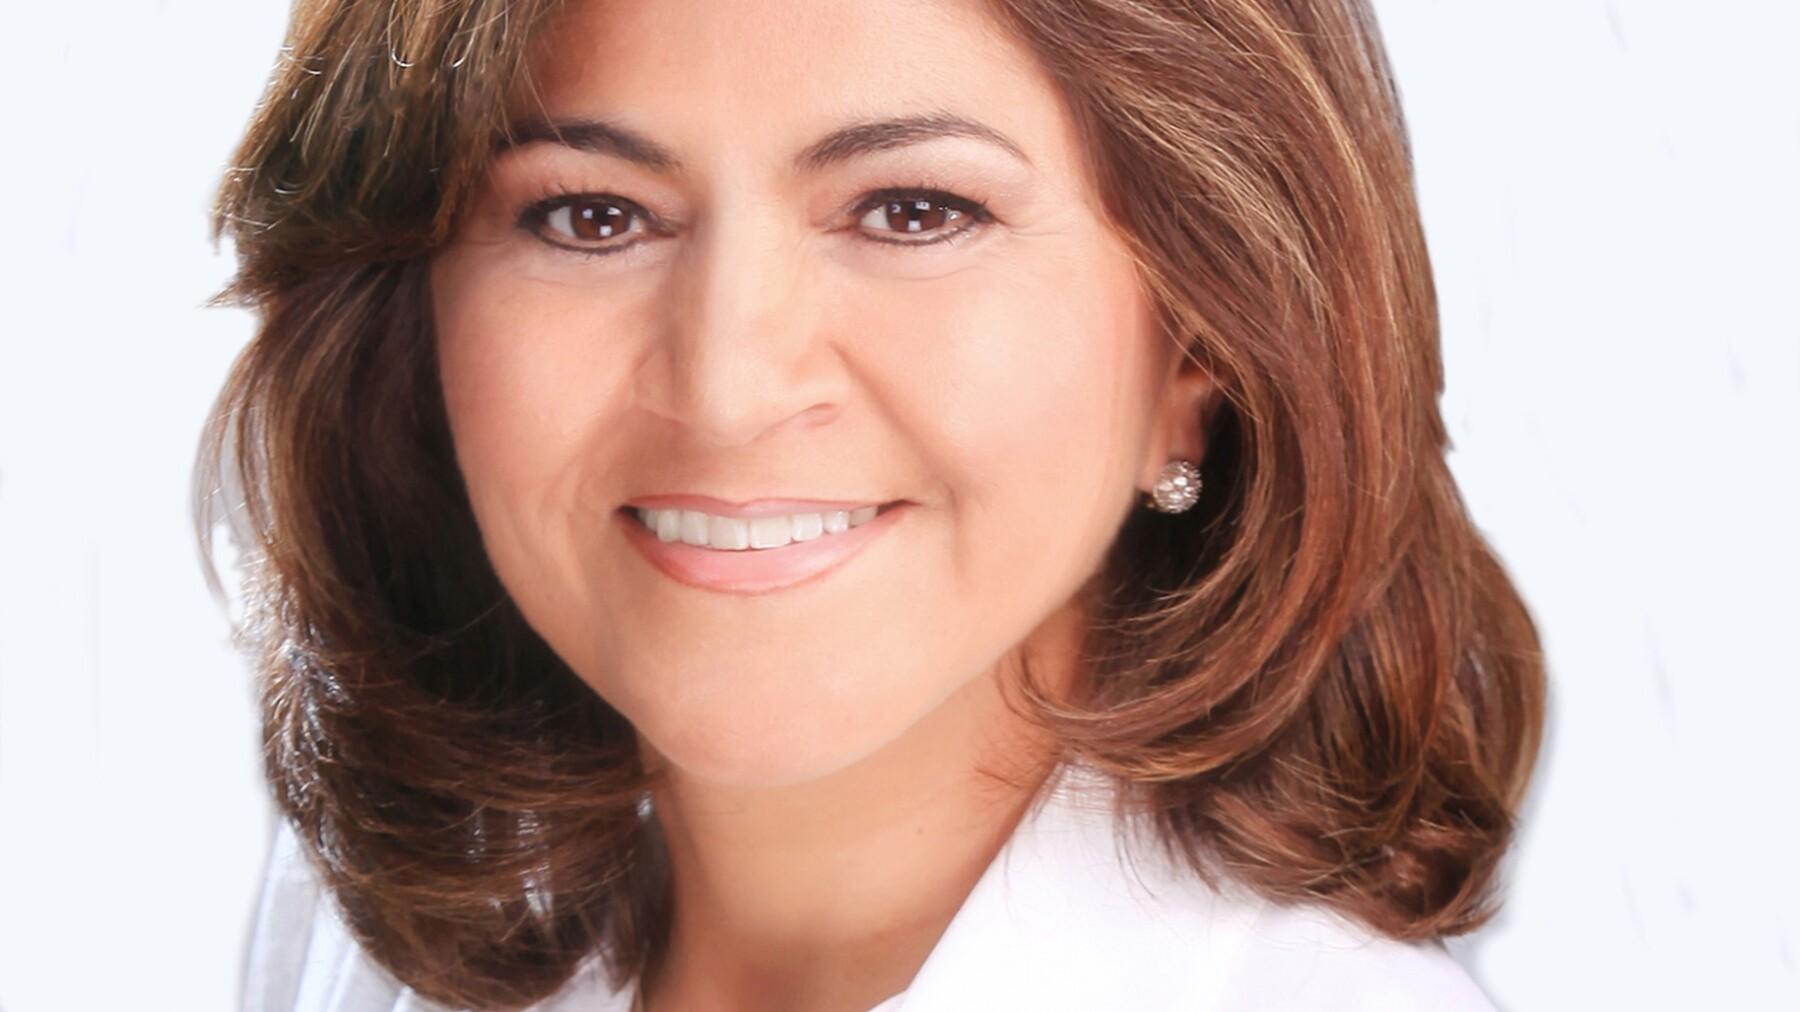 La candidata de Morena a gobernadora de Aguascalientes, Nora Ruvalcaba, considera que el empleo y la corrupción son los temas que primero se deben atender.